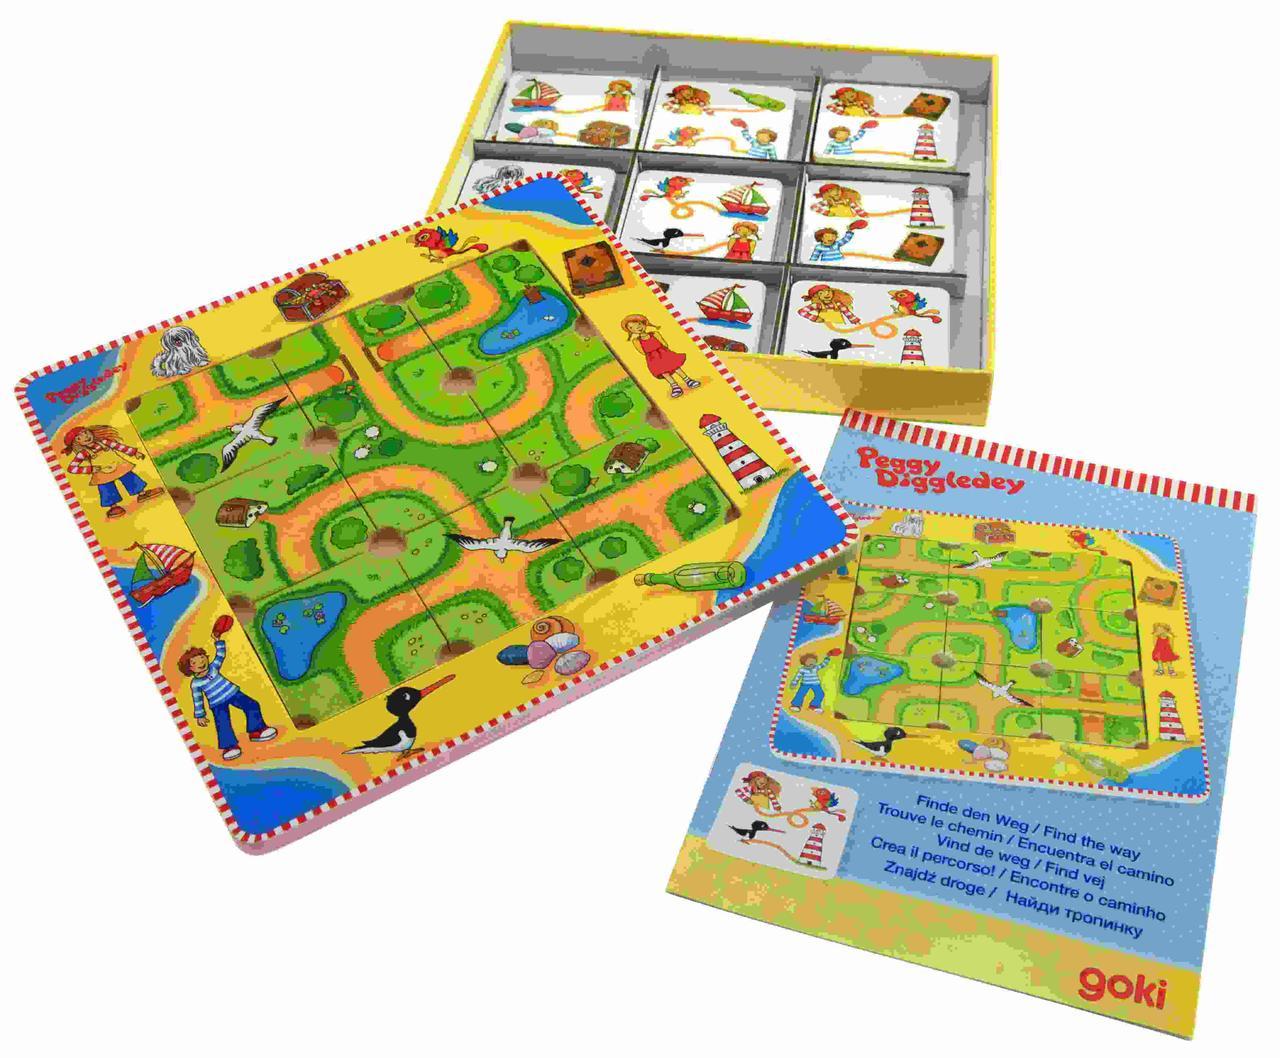 Goki Настольная игра Найди верный путь 56672